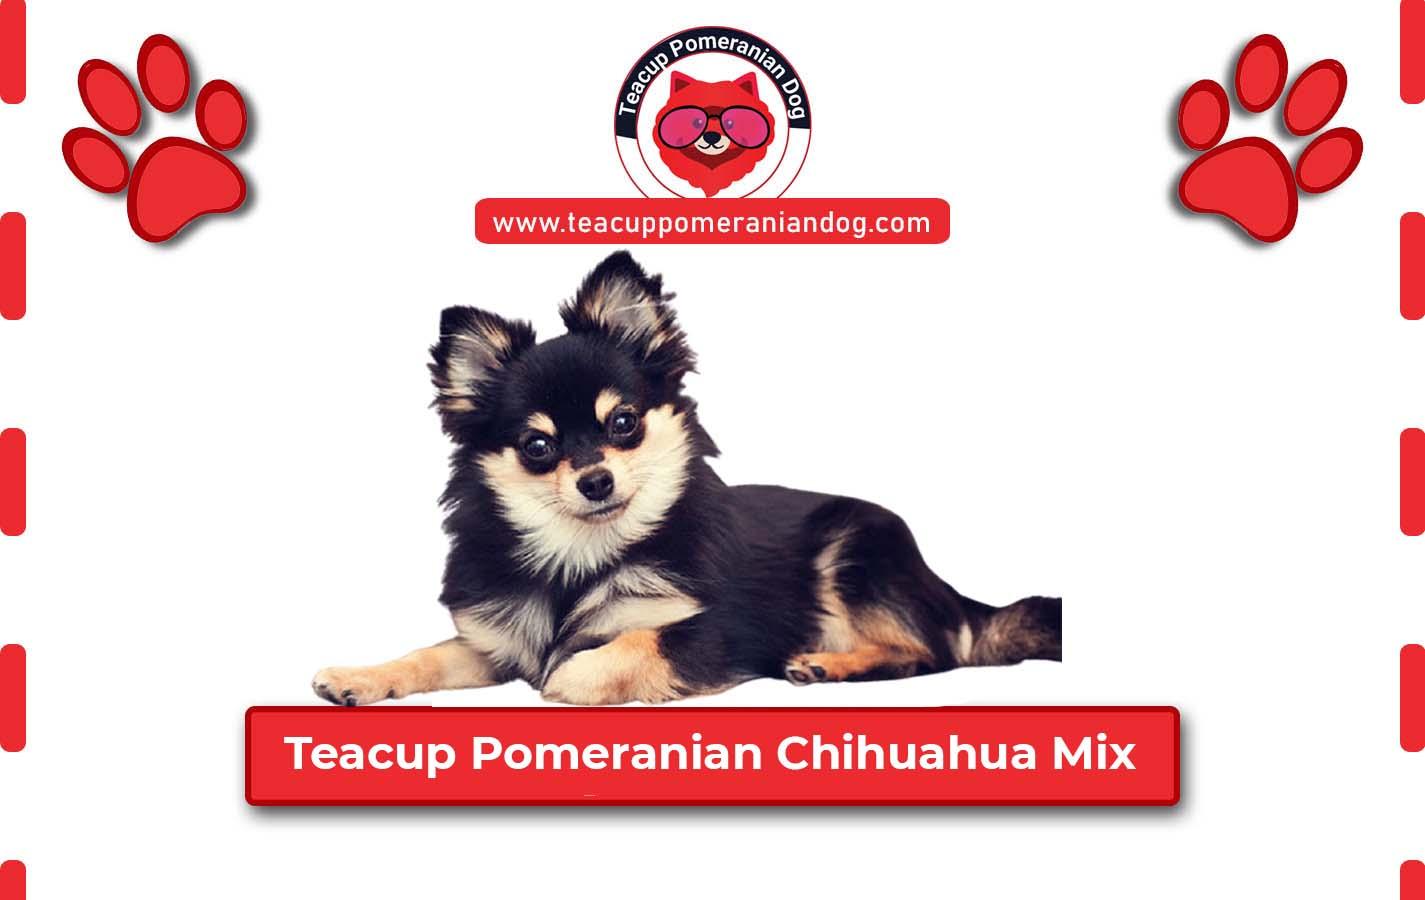 Teacup Pomeranian Chihuahua Mix